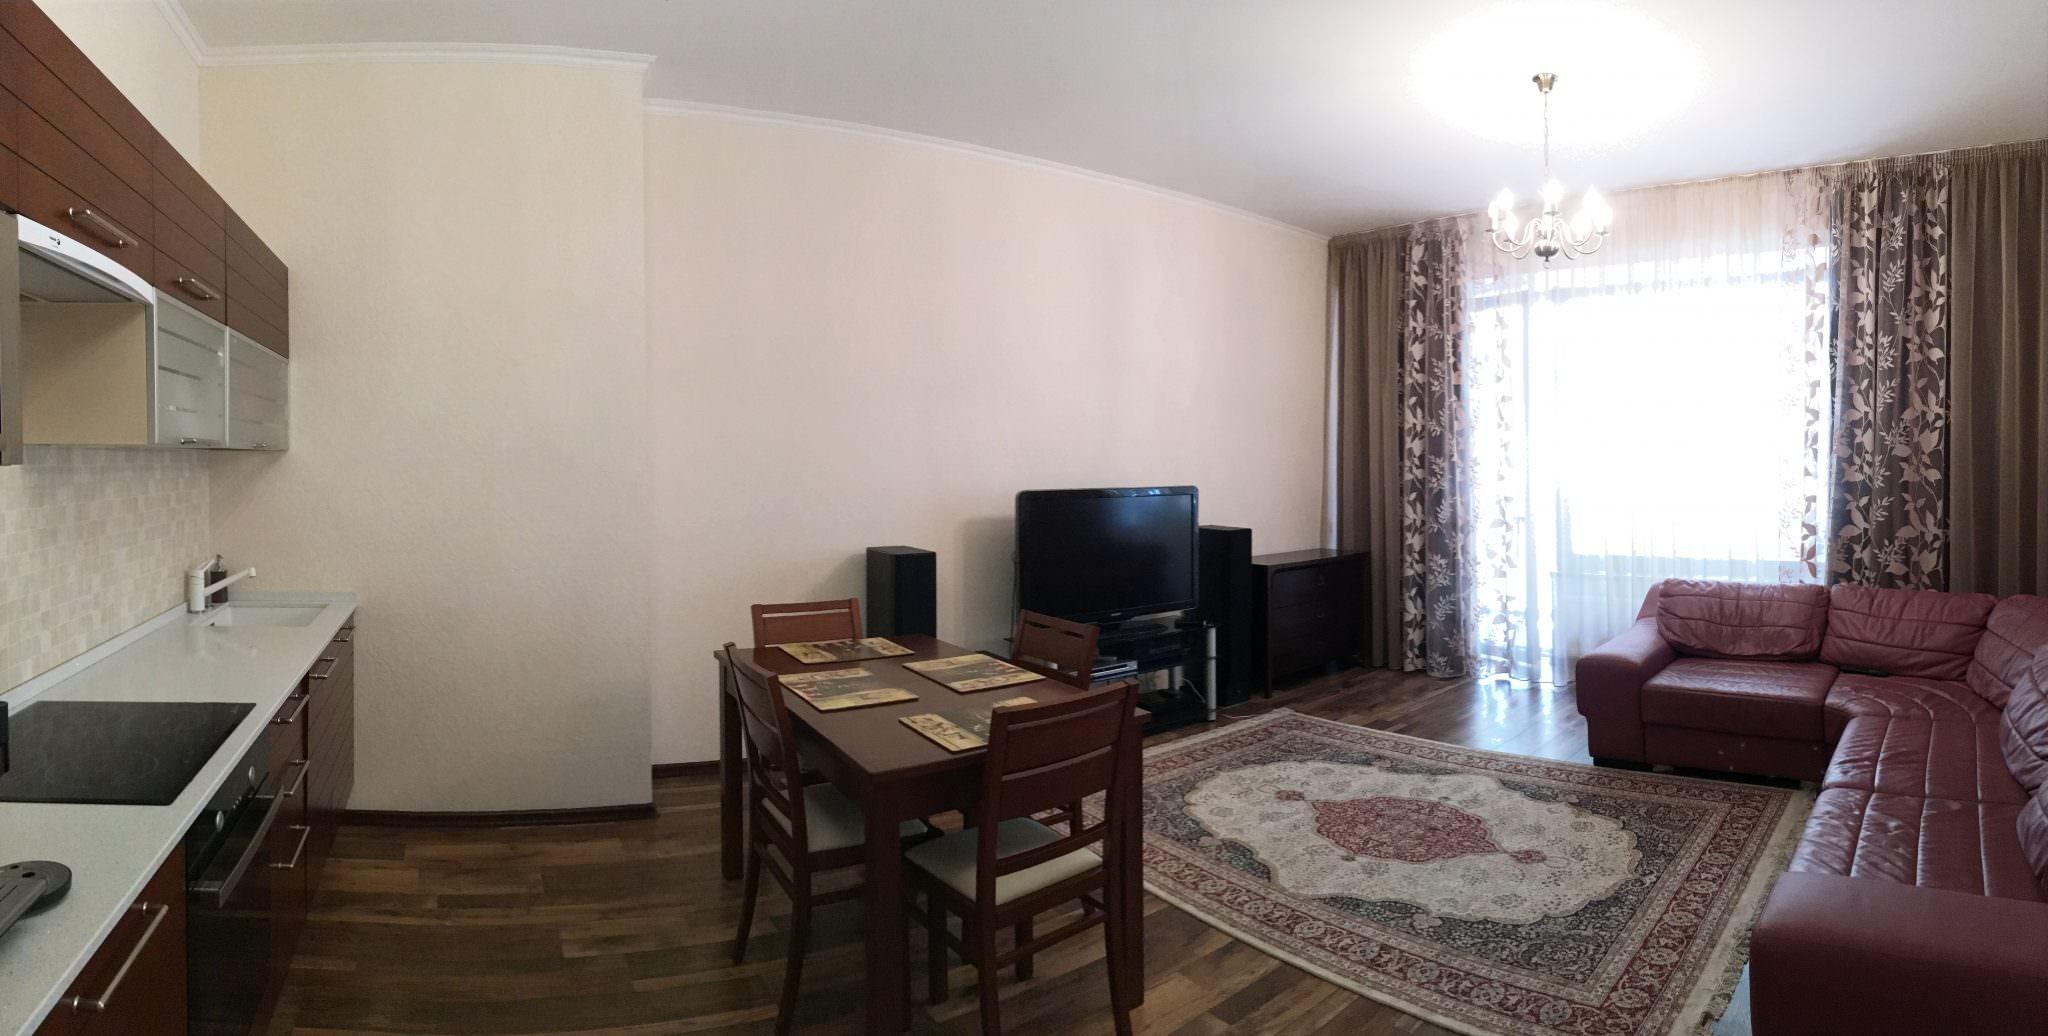 Двухкомнатная квартира в ЖК Омега. 2